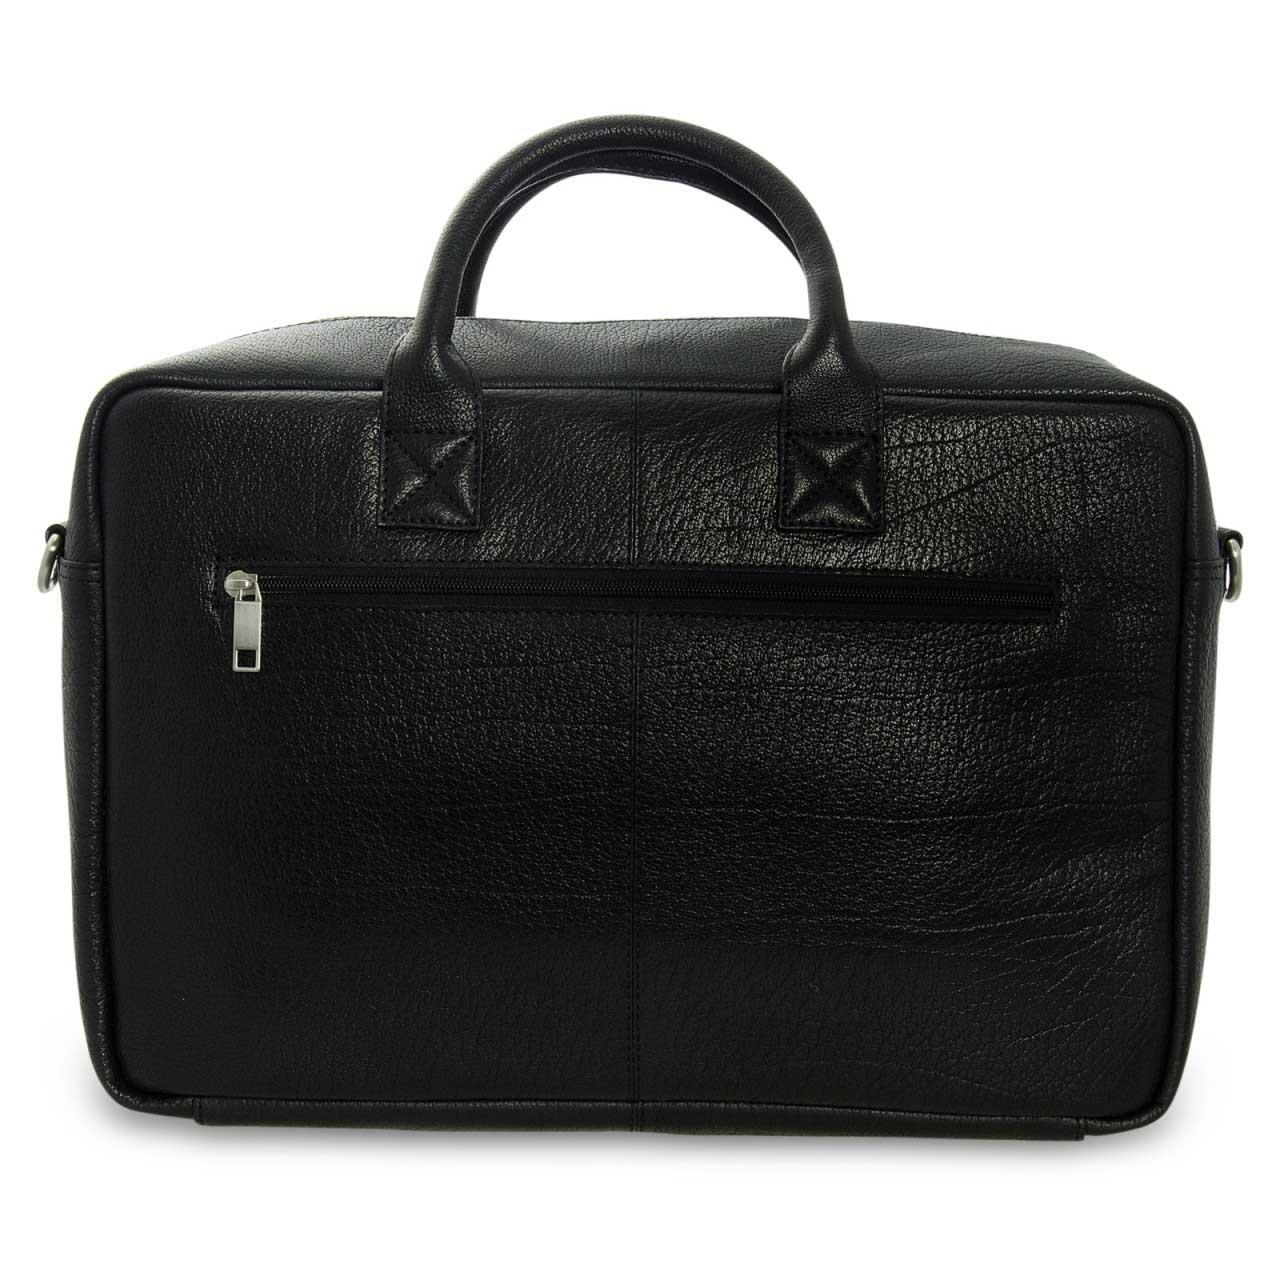 STILORD Umhängetasche Messenger Bag für Akten Ordner Groß 17.3 Zoll Laptop Tablet Tasche aus Leder schwarz  - Bild 4